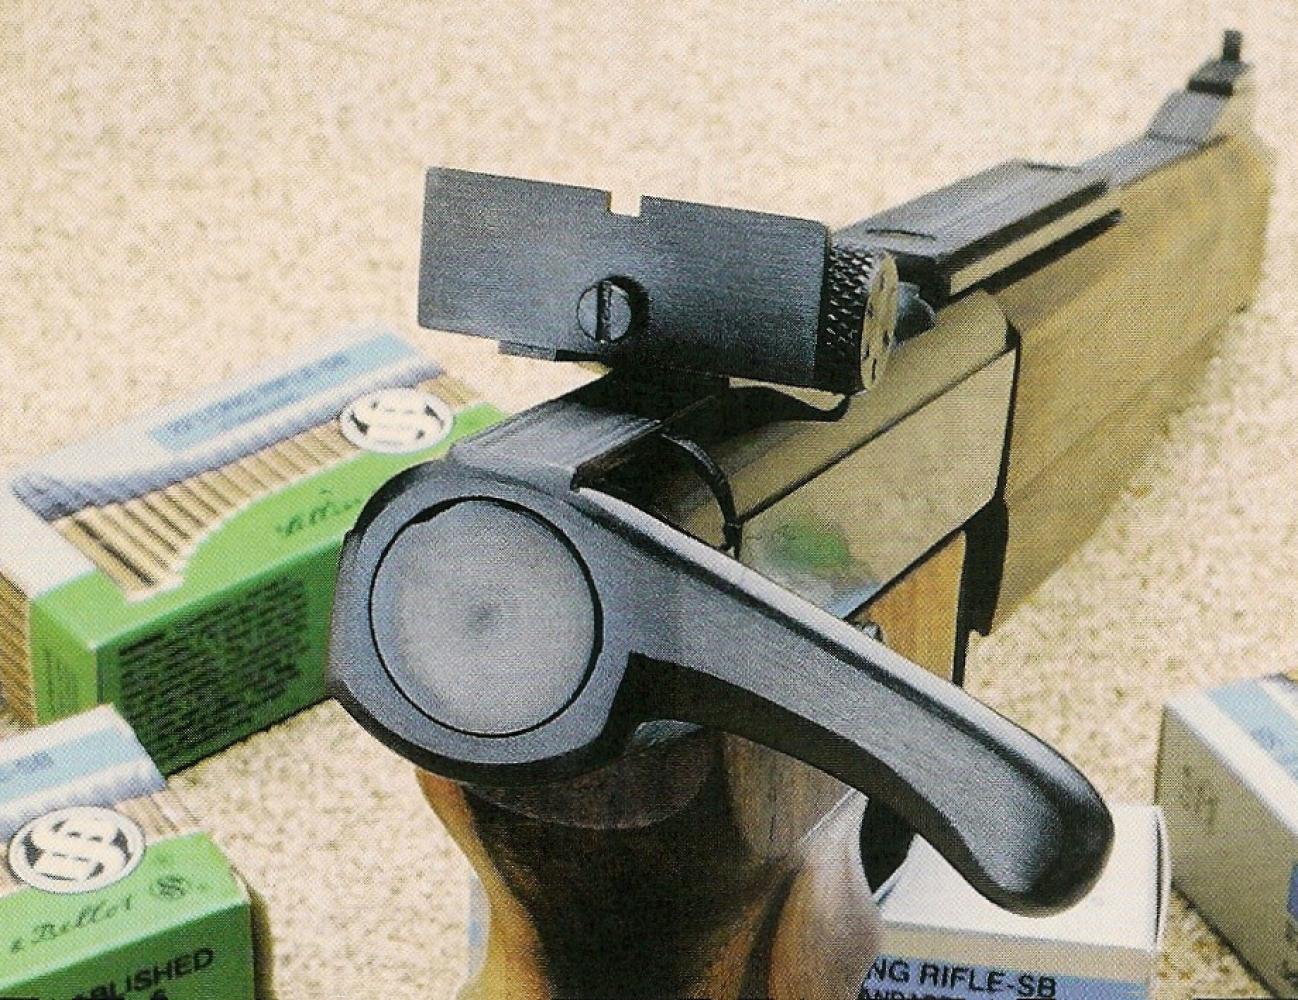 La hausse du modèle 97 Silhouette se voit dotée d'une visière ultra-large, idéale pour le tir de précision à longue distance et sa culasse reçoit un levier pour en faciliter le maniement.